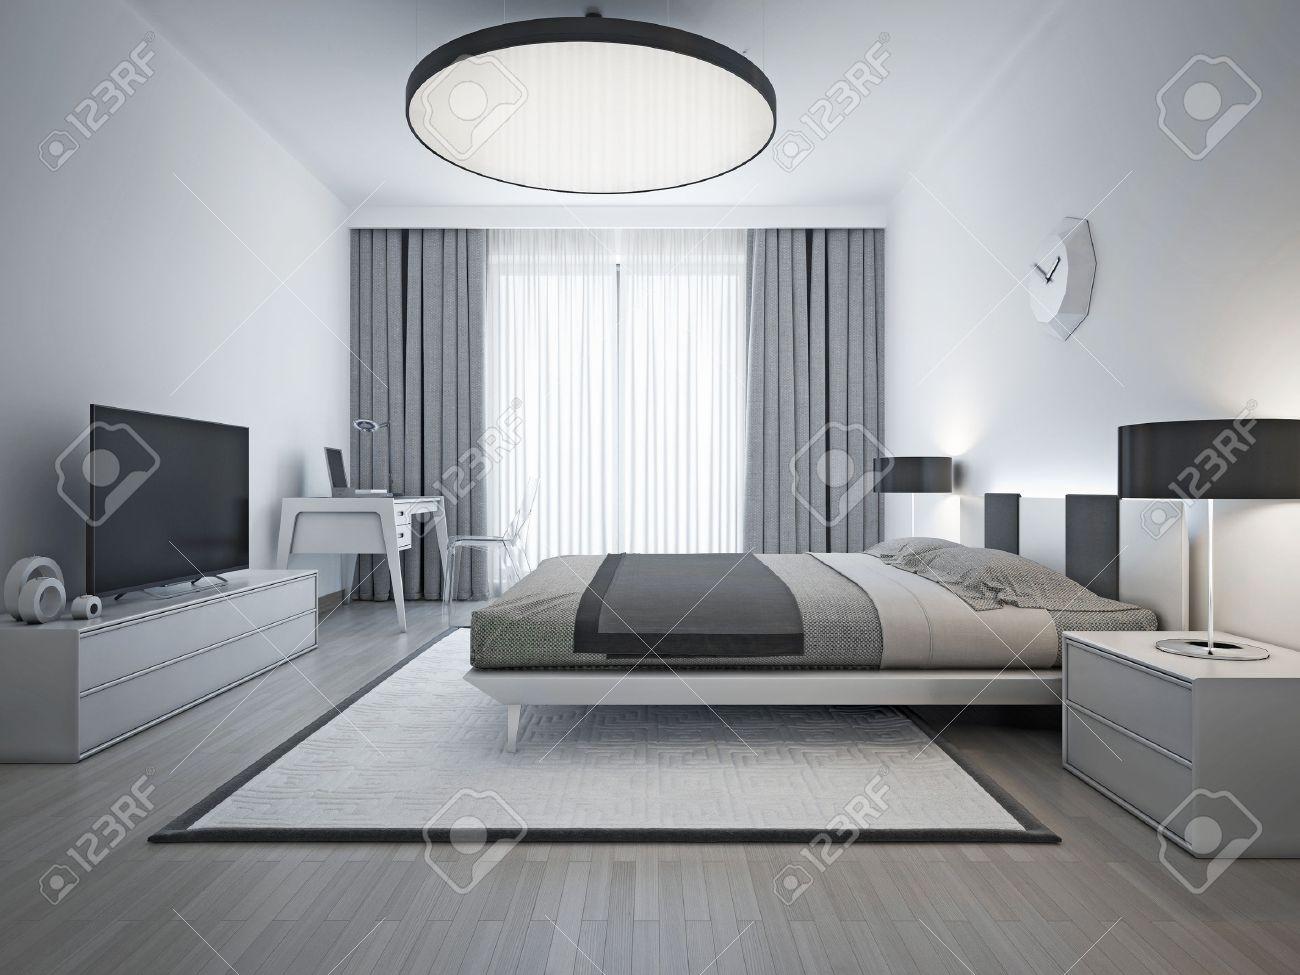 Chambre élégante de style contemporain. Monochrome intérieur chambre avec  lit double élégante et blanc tapis à motifs avec cadre noir. 3D render